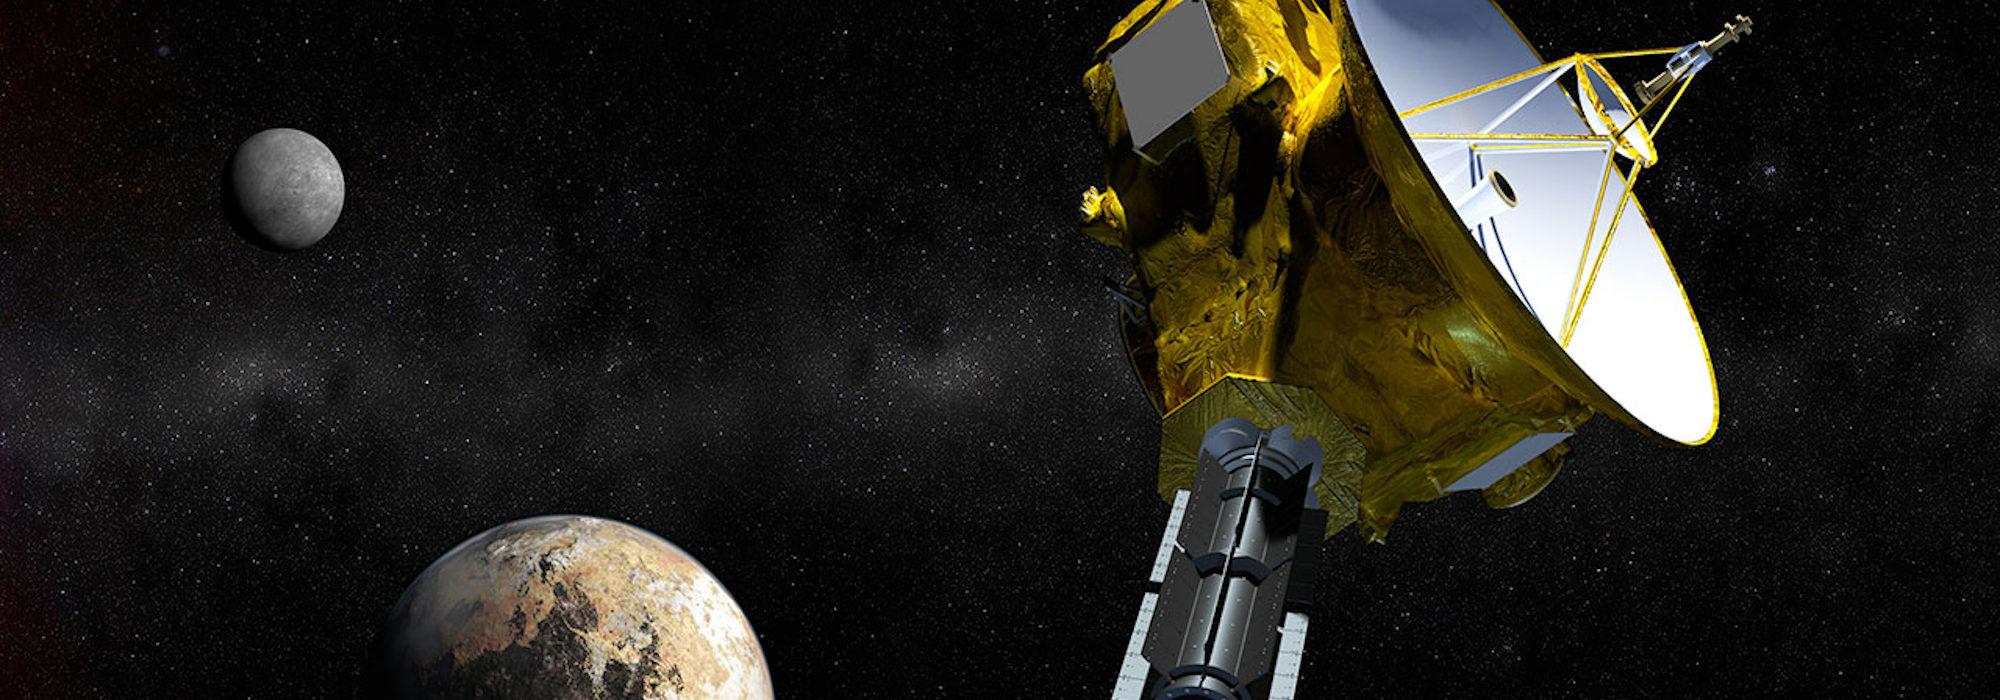 NASA'da görevli astrofizikçi: New Horizons bilim adına önemli sürprizler yapabilir